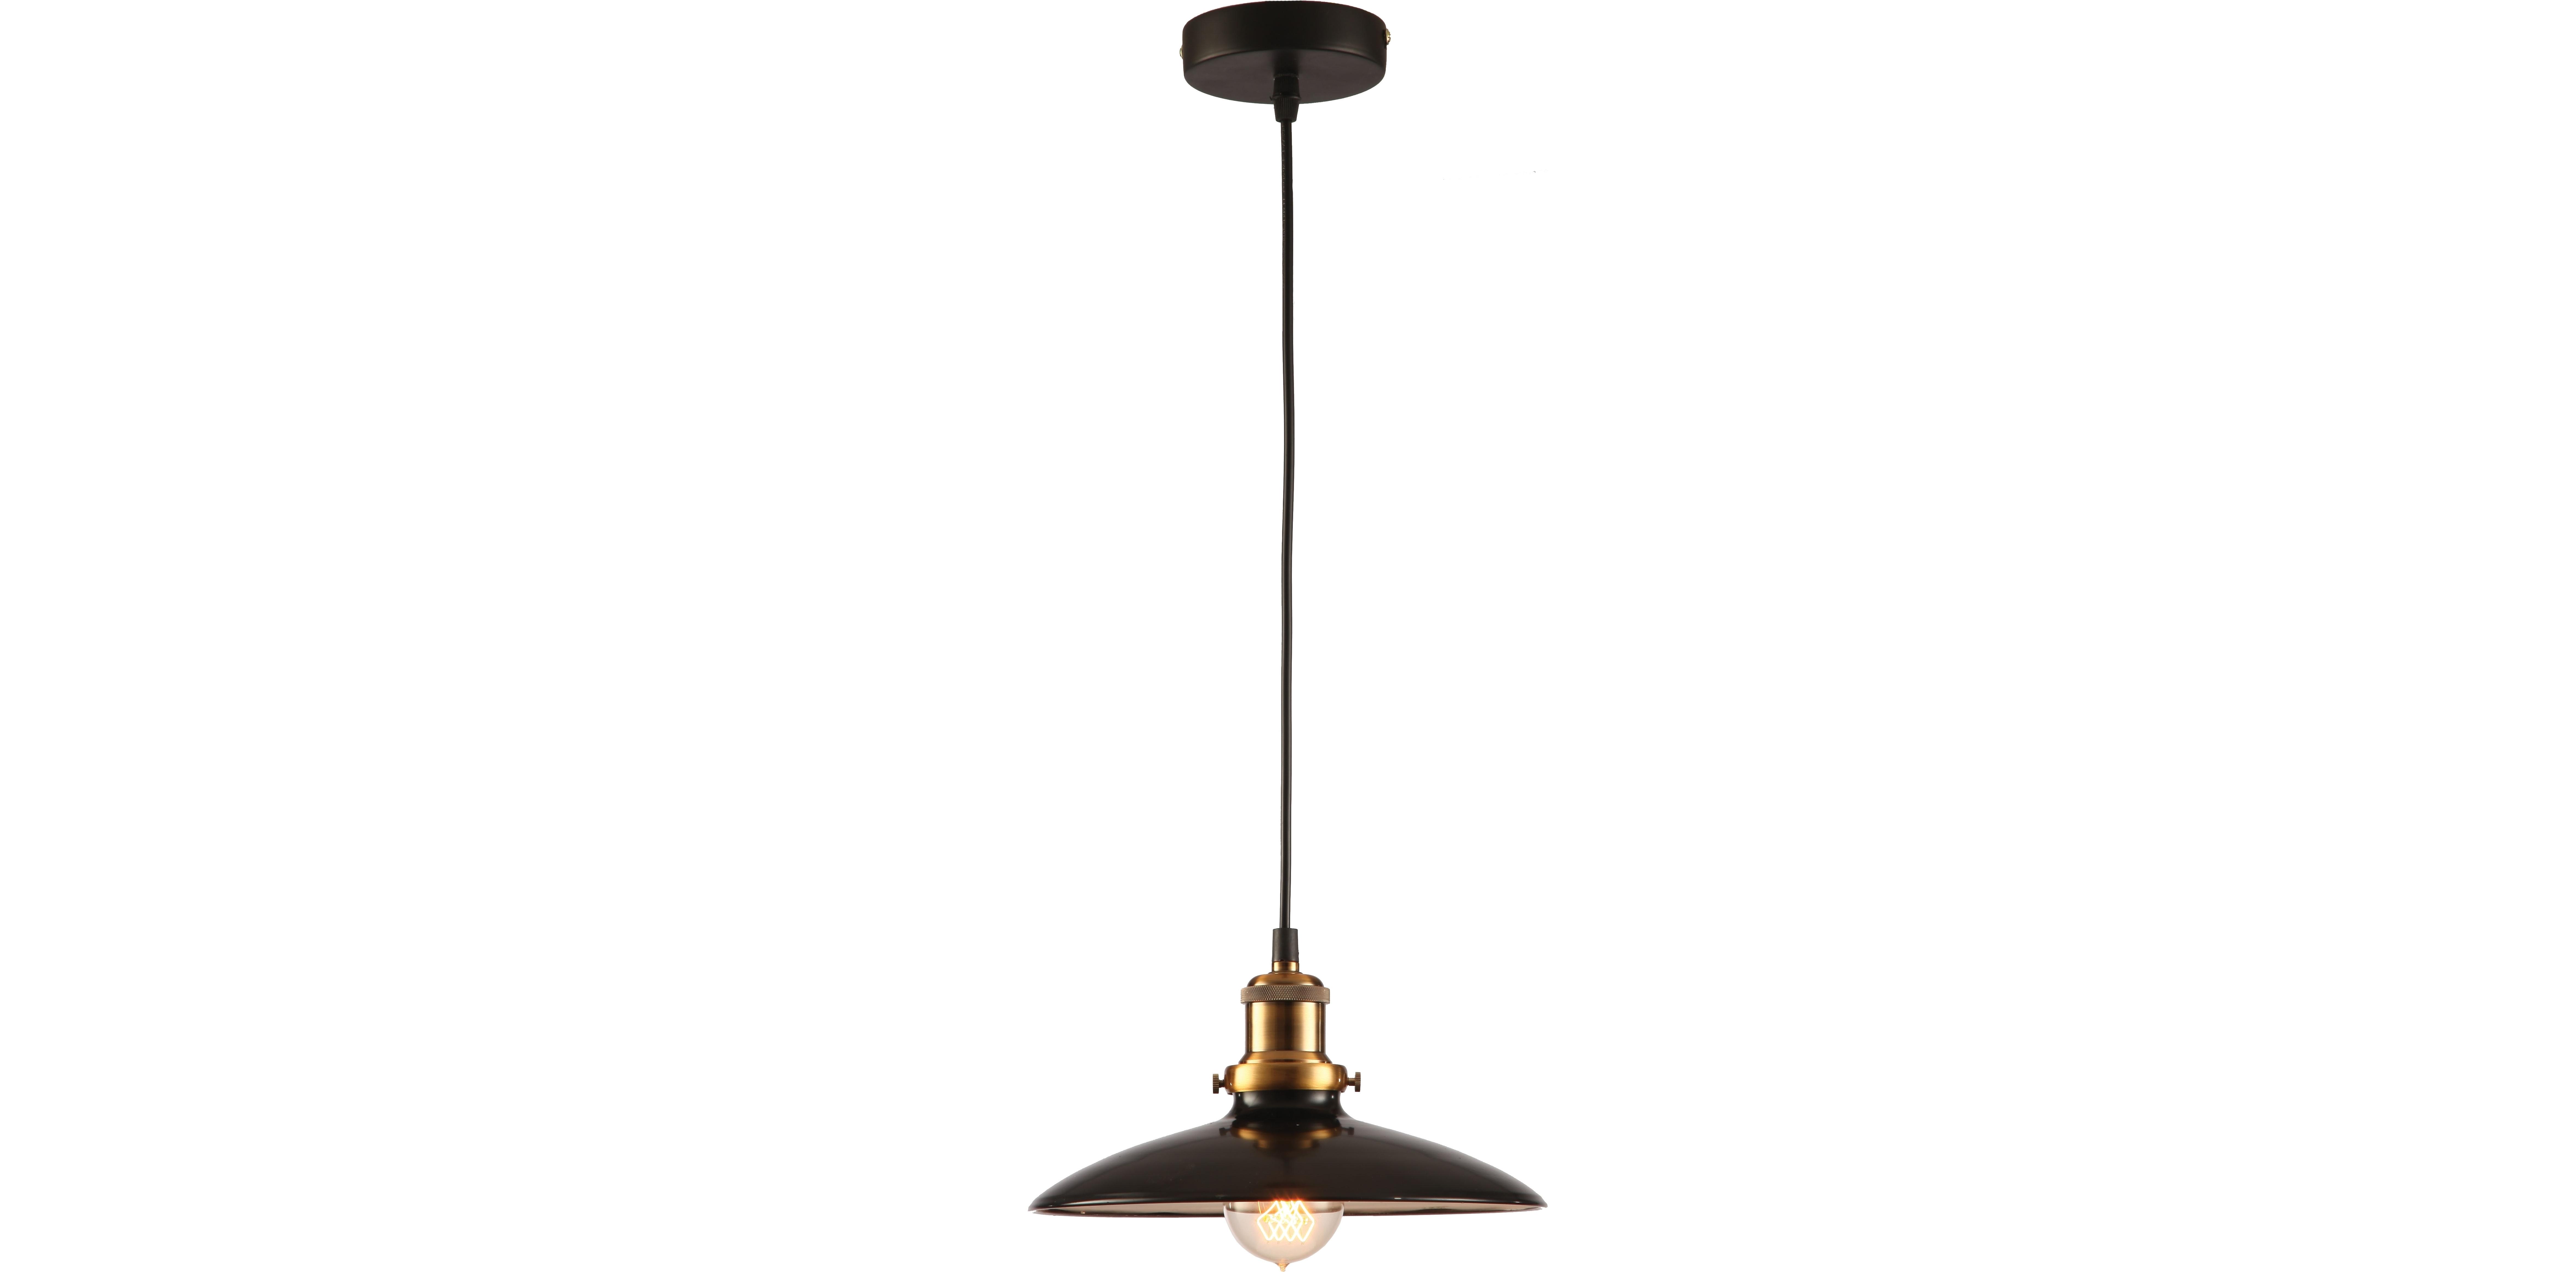 Подвесной светильникПодвесные светильники<br>Материал: металл<br>Лампочки в комплекте: 1*60W<br>Цоколь: E27<br>Цвет: золото, черный<br><br>Material: Металл<br>Length см: None<br>Width см: 25<br>Height см: 120<br>Diameter см: 25